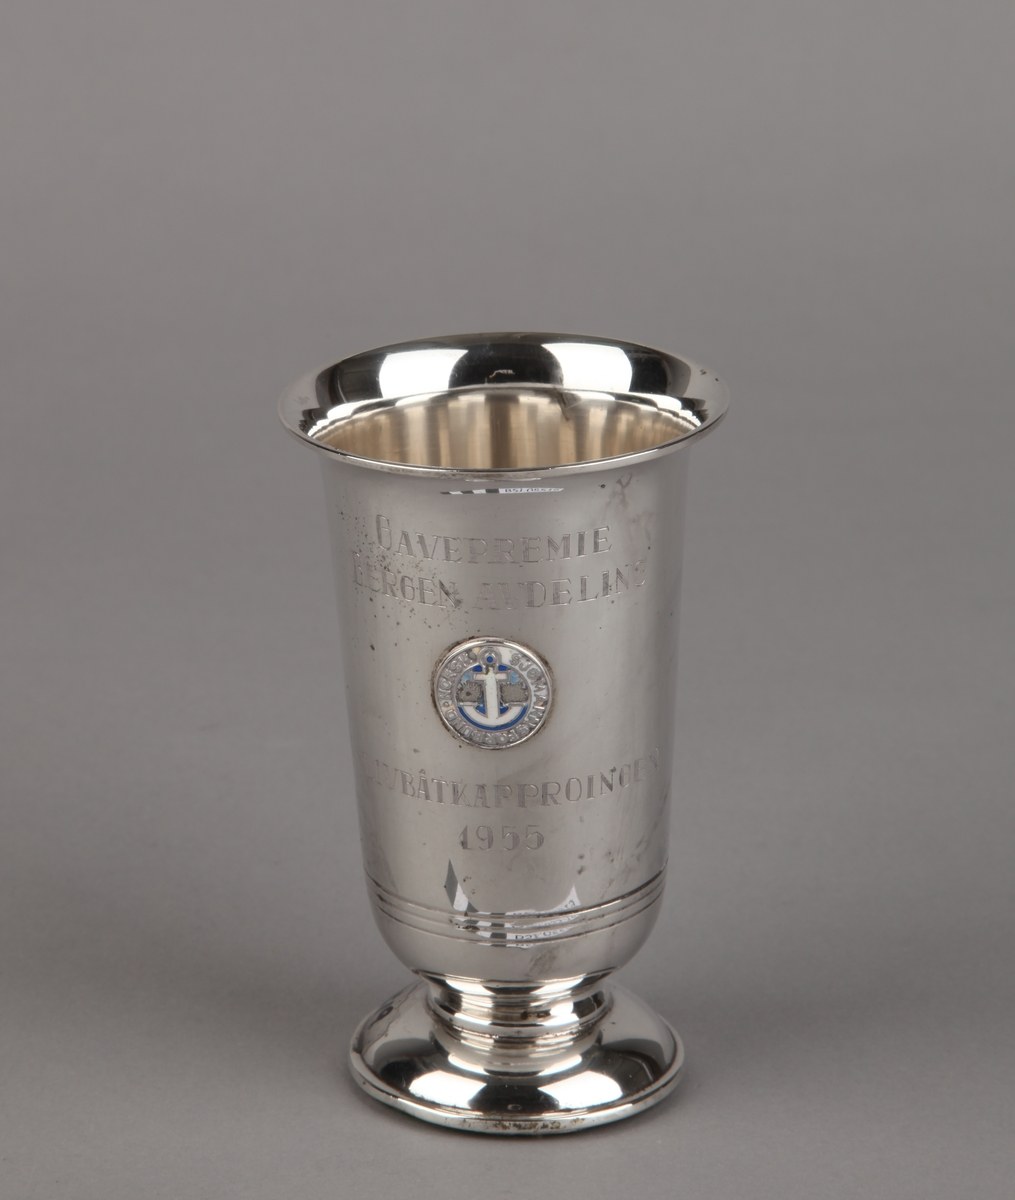 Sølvpokal fra Norsk Sjømannsforbund, avdeling Bergen, med merke og tekst.